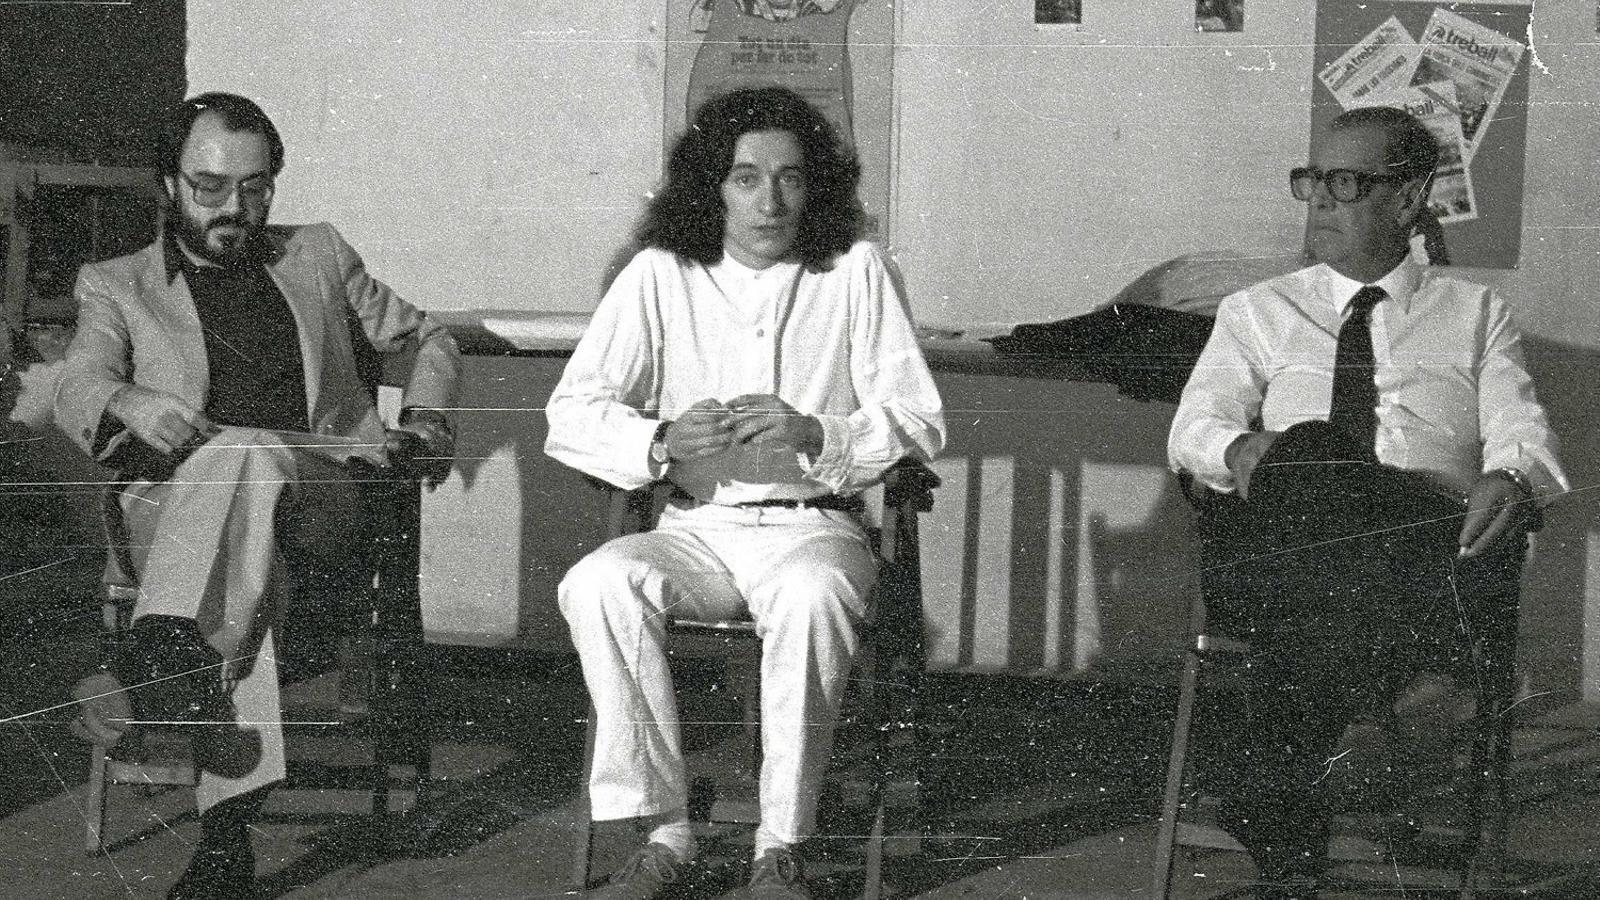 Fotografia del 1982 on apareixen Matias Vives, diputat al Parlament, Andreu Mayayo, que va ser alcalde de Montblanc i biògraf de Solé, i Josep Solé Barberà.